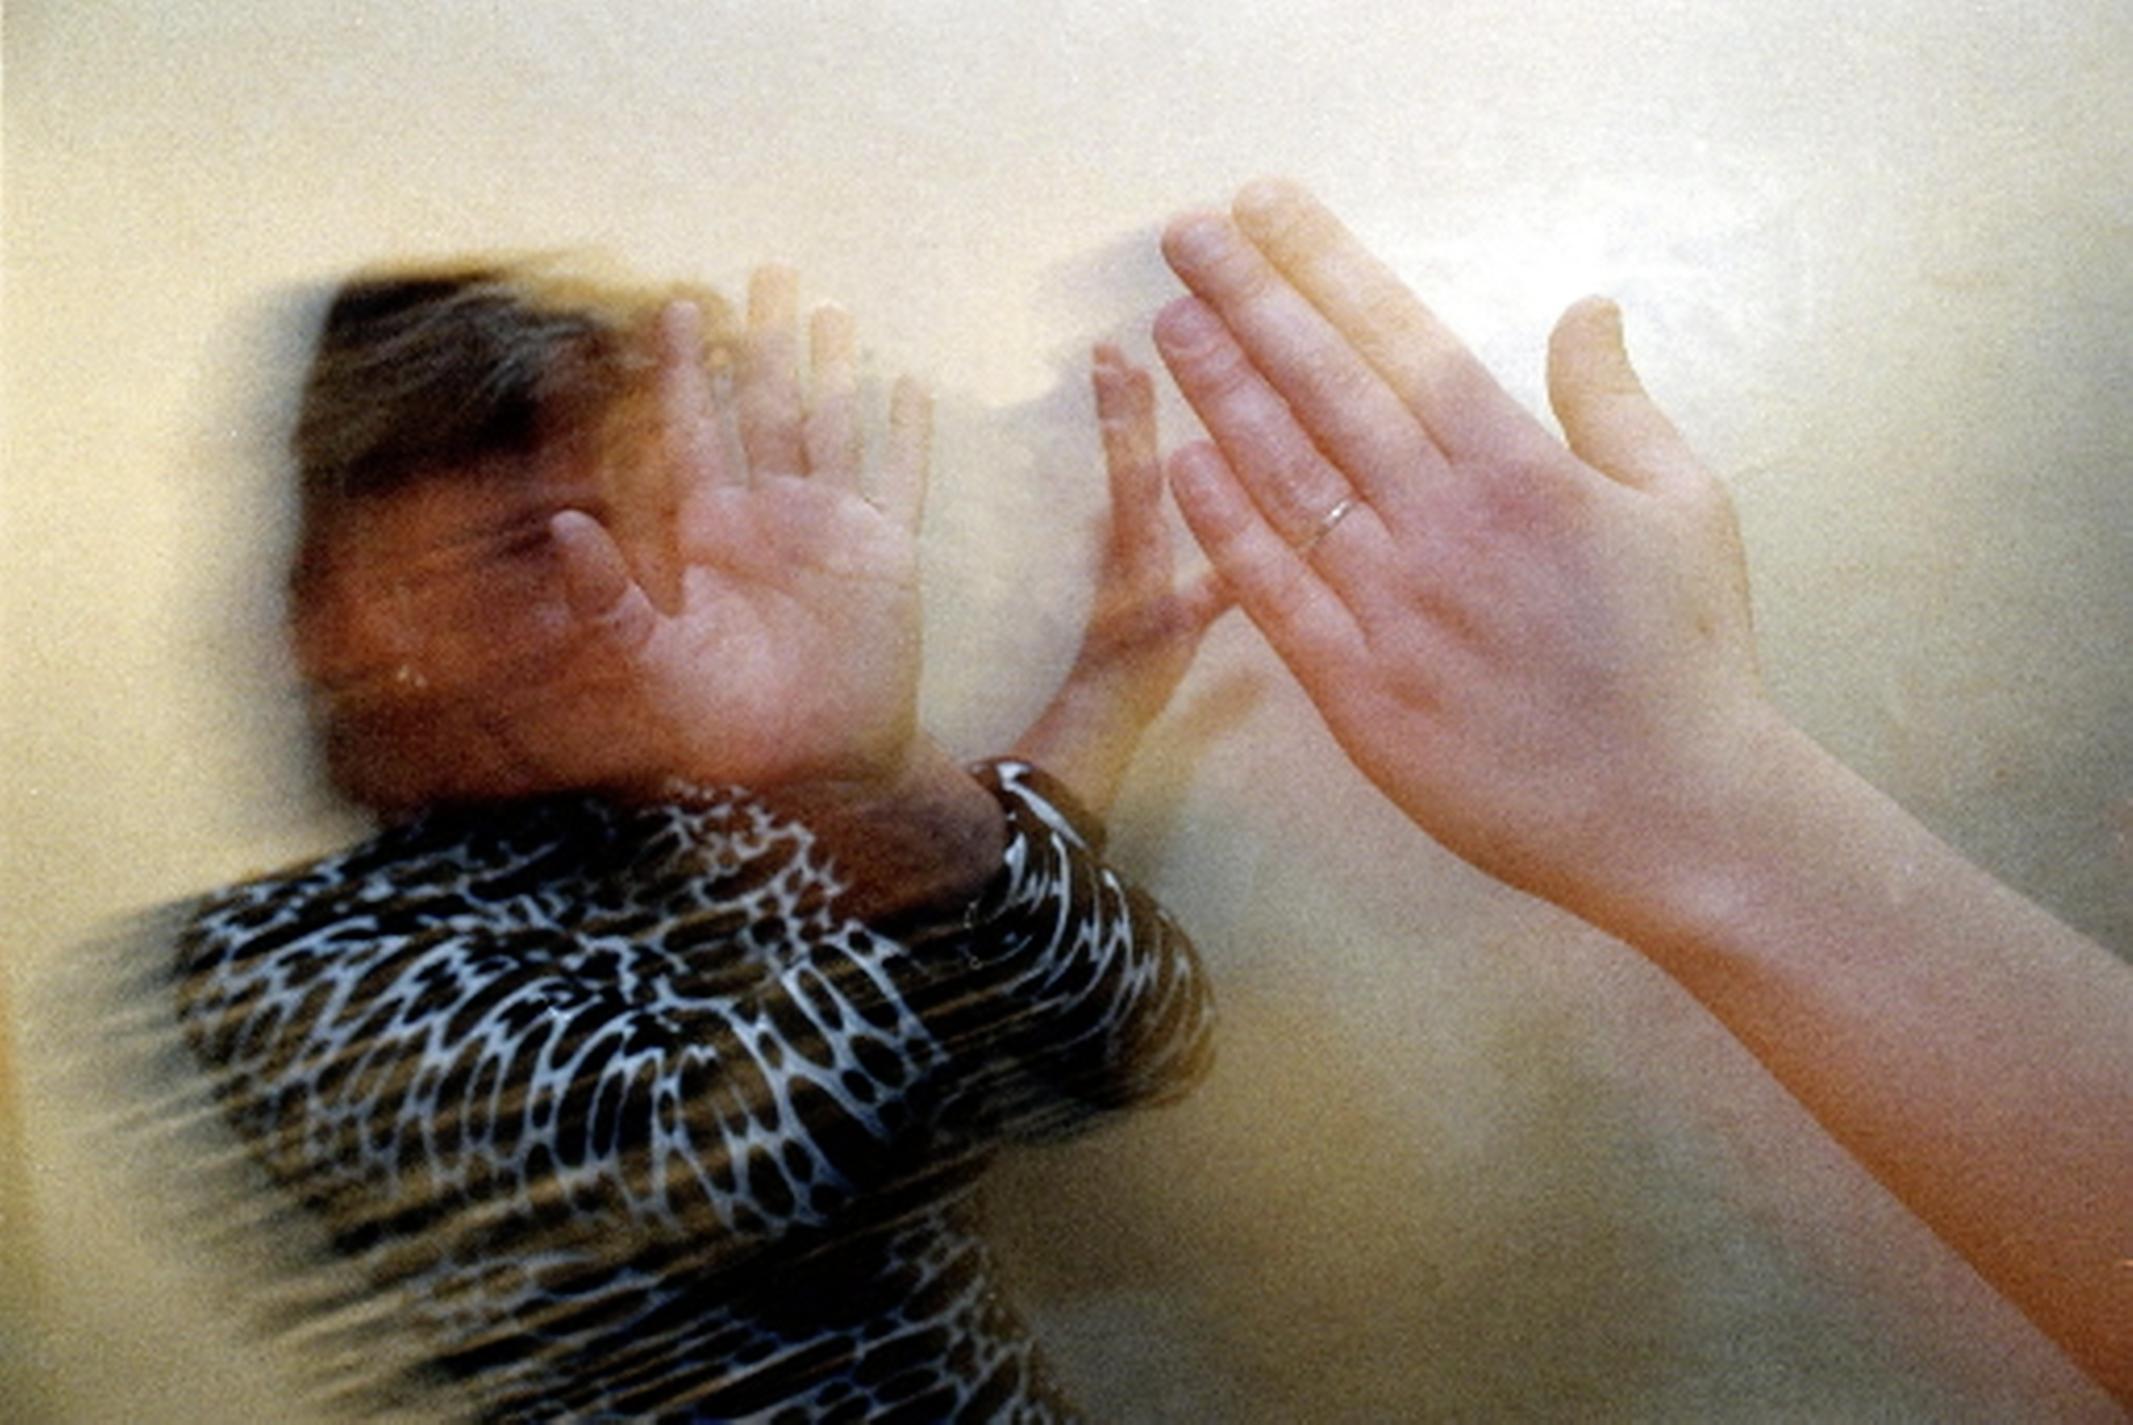 Corona, thuiswerken en de schoolsluiting hebben in veel gezinnen voor extra spanningen gezorgd. Meer meldingen van huiselijk geweld, minder huisverboden opgelegd